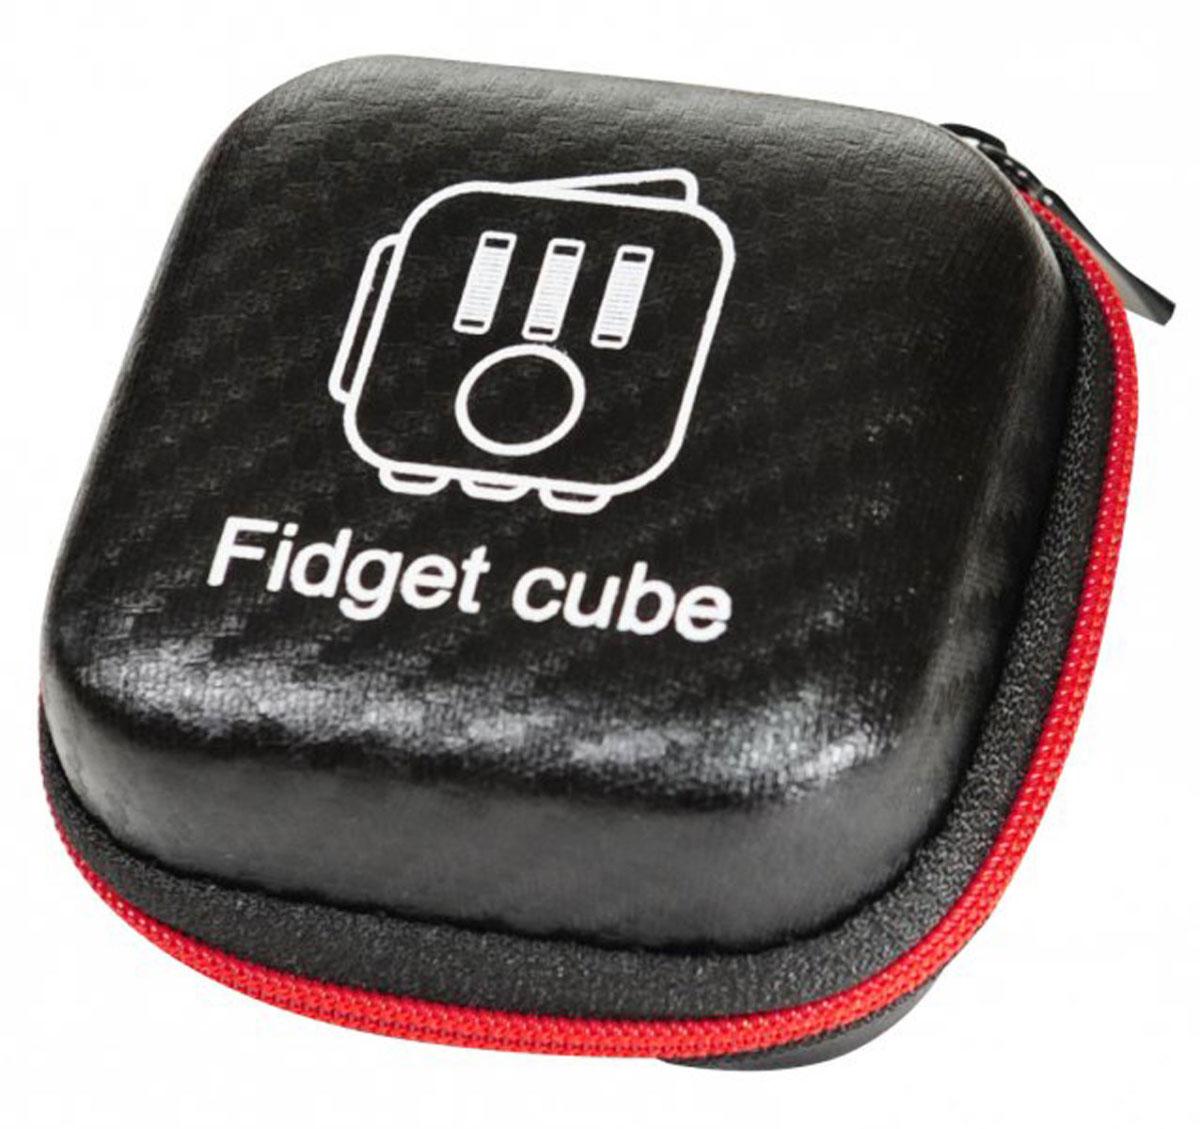 Fidget Cube Футляр для игрушки-антистресс fidget cube игрушка антистресс полночь